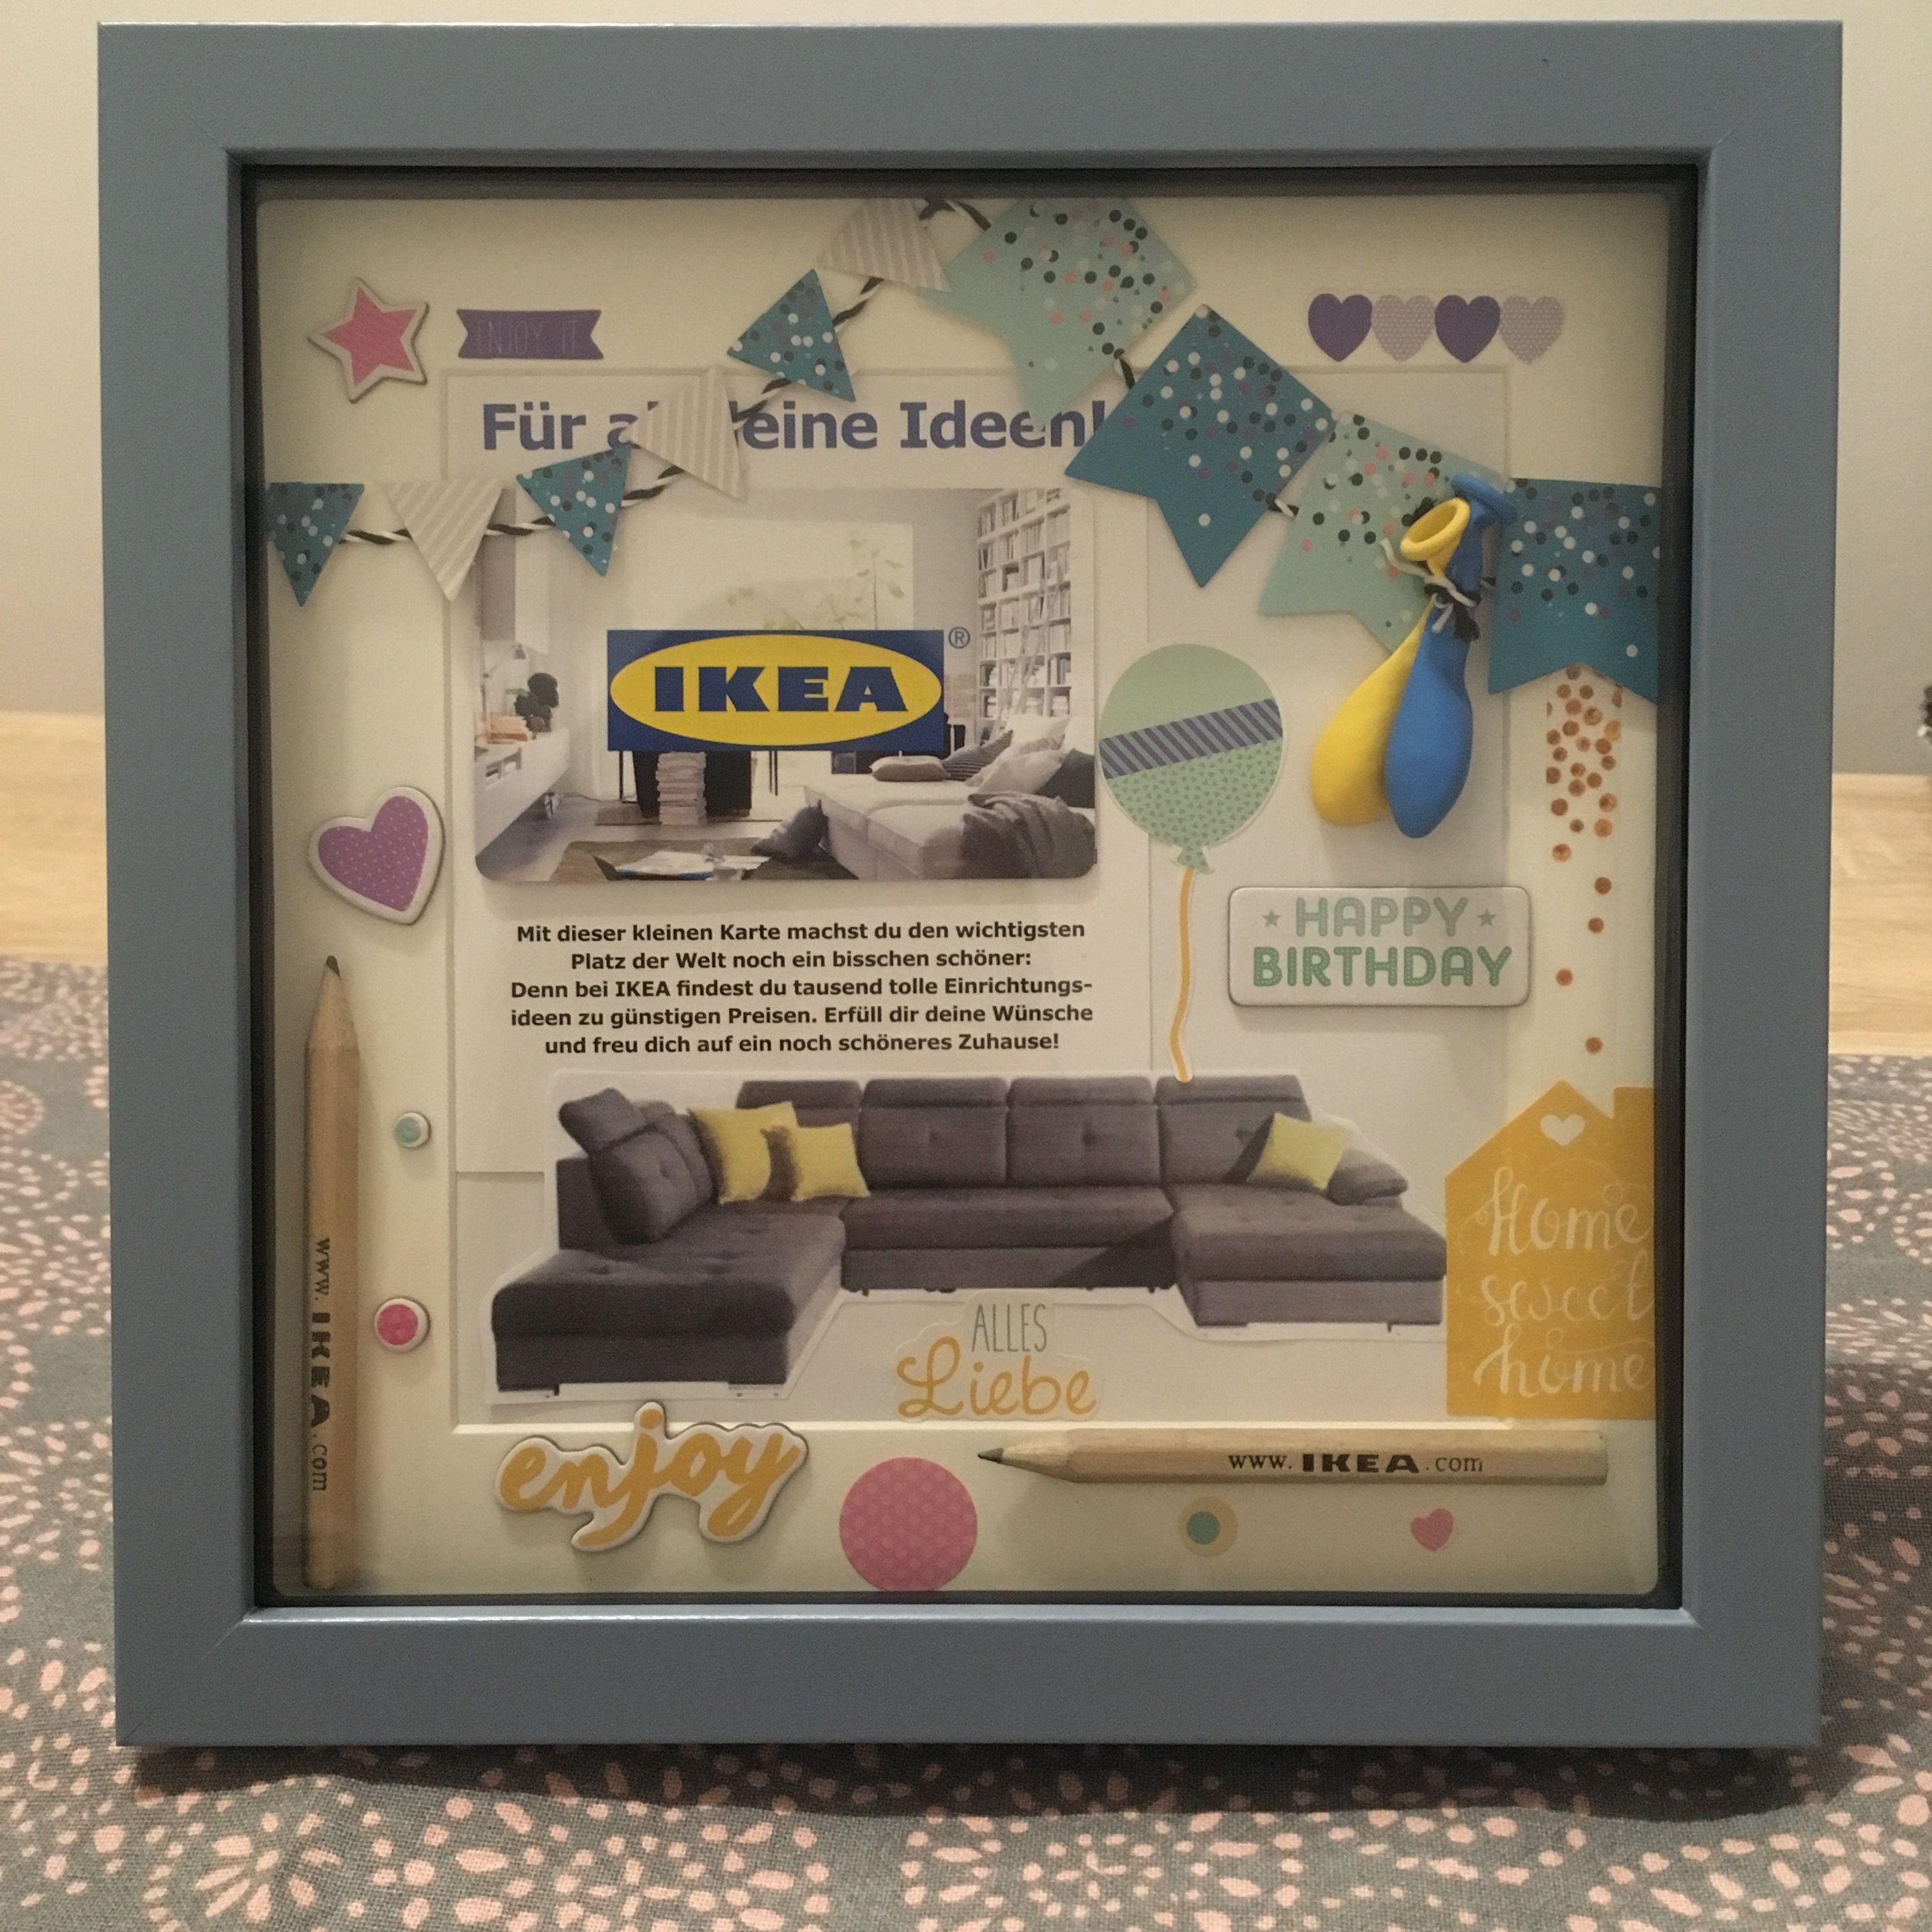 Ikea-Gutschein im Bilderrahmen Meine Freundin hat sich ein Sofa ...